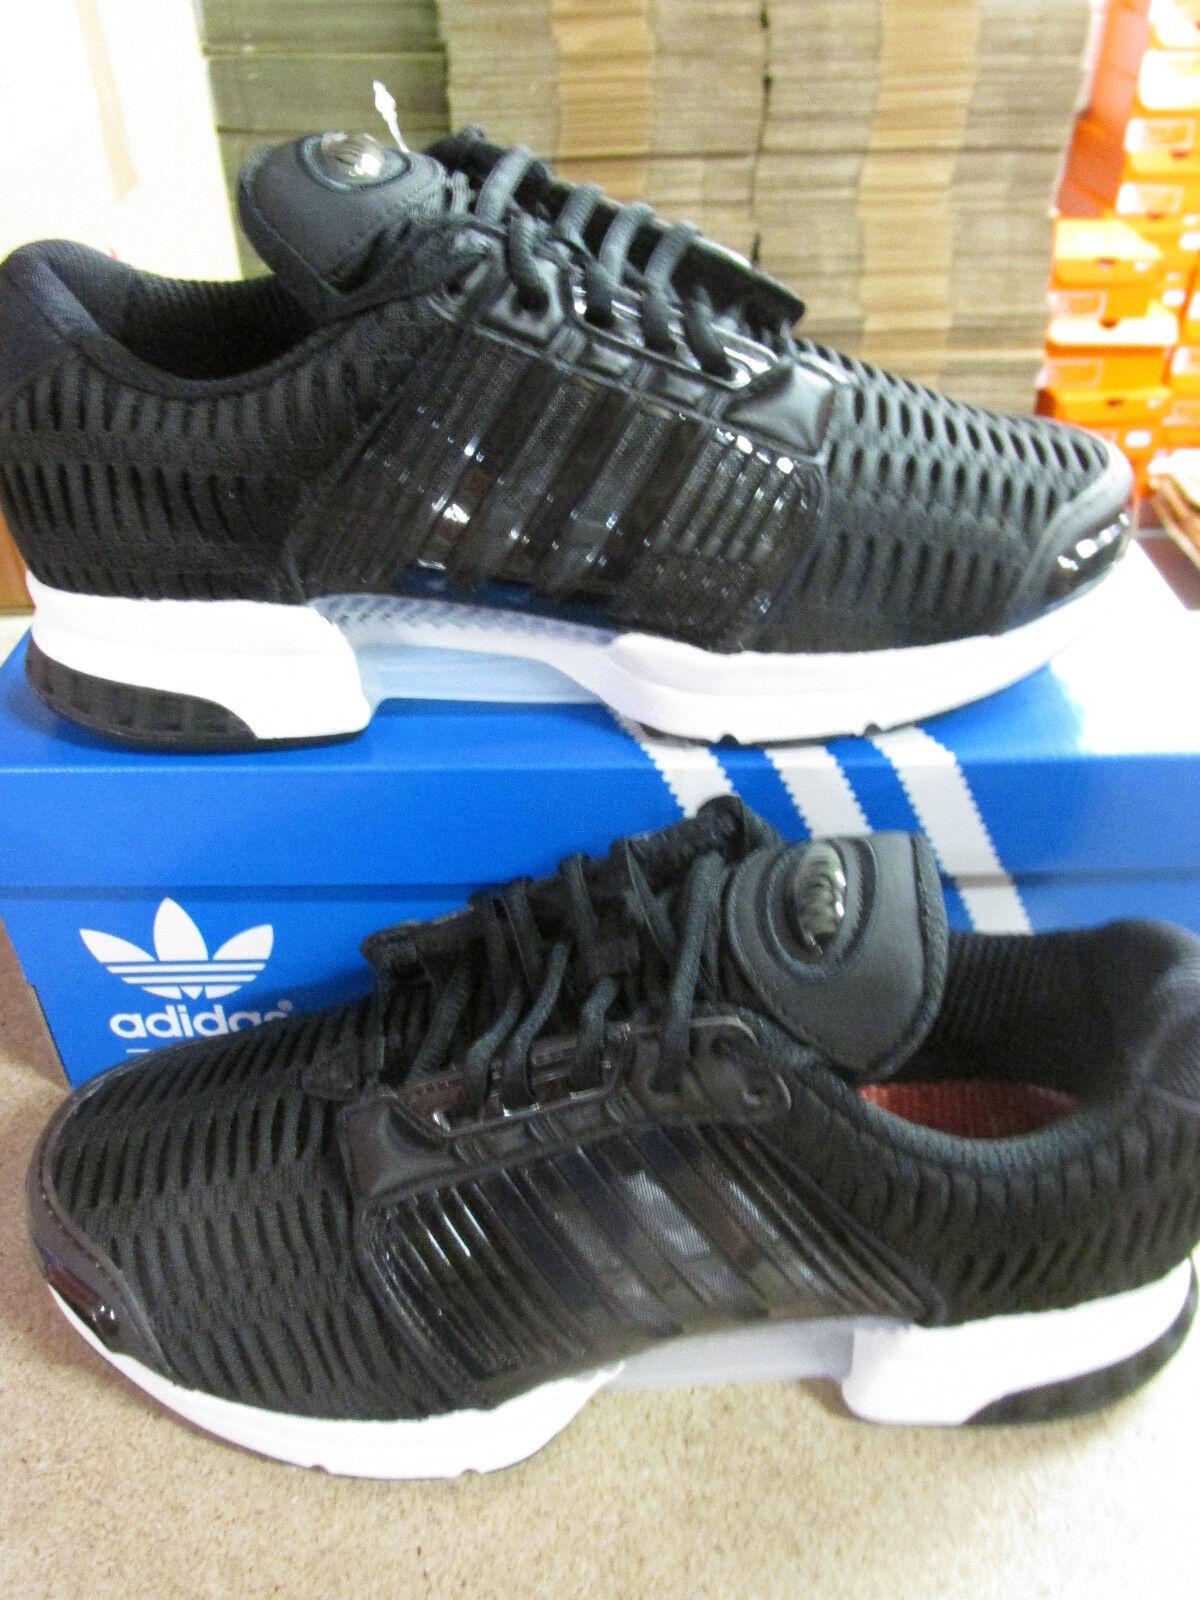 Adidas Hombre Originals Clima Cool 1 Hombre Adidas BA8579 Zapatillas Deportivas Running 385378